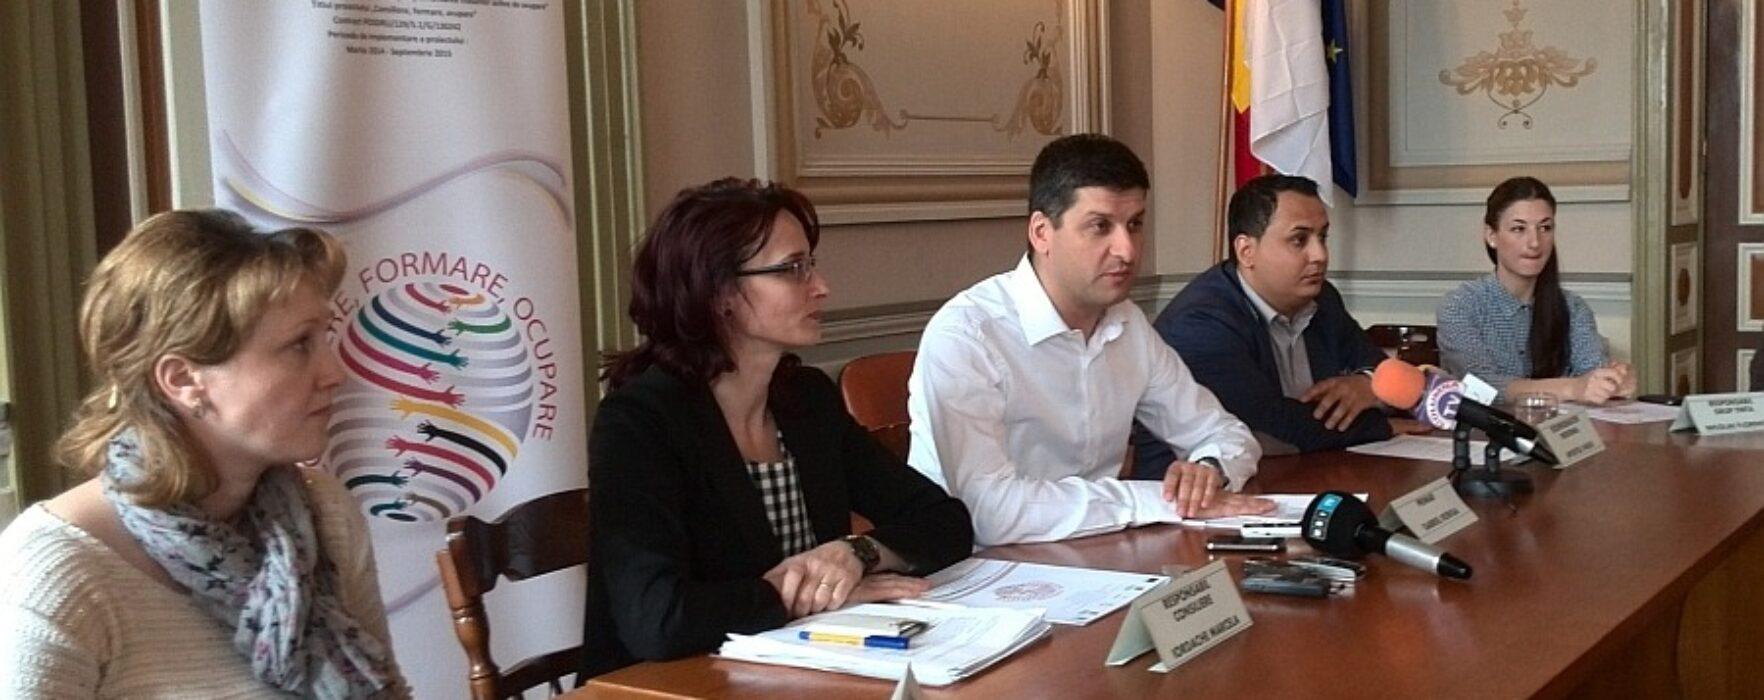 Târgovişte: Fonduri europene pentru instruirea şomerilor în vederea ocupării unui loc de muncă